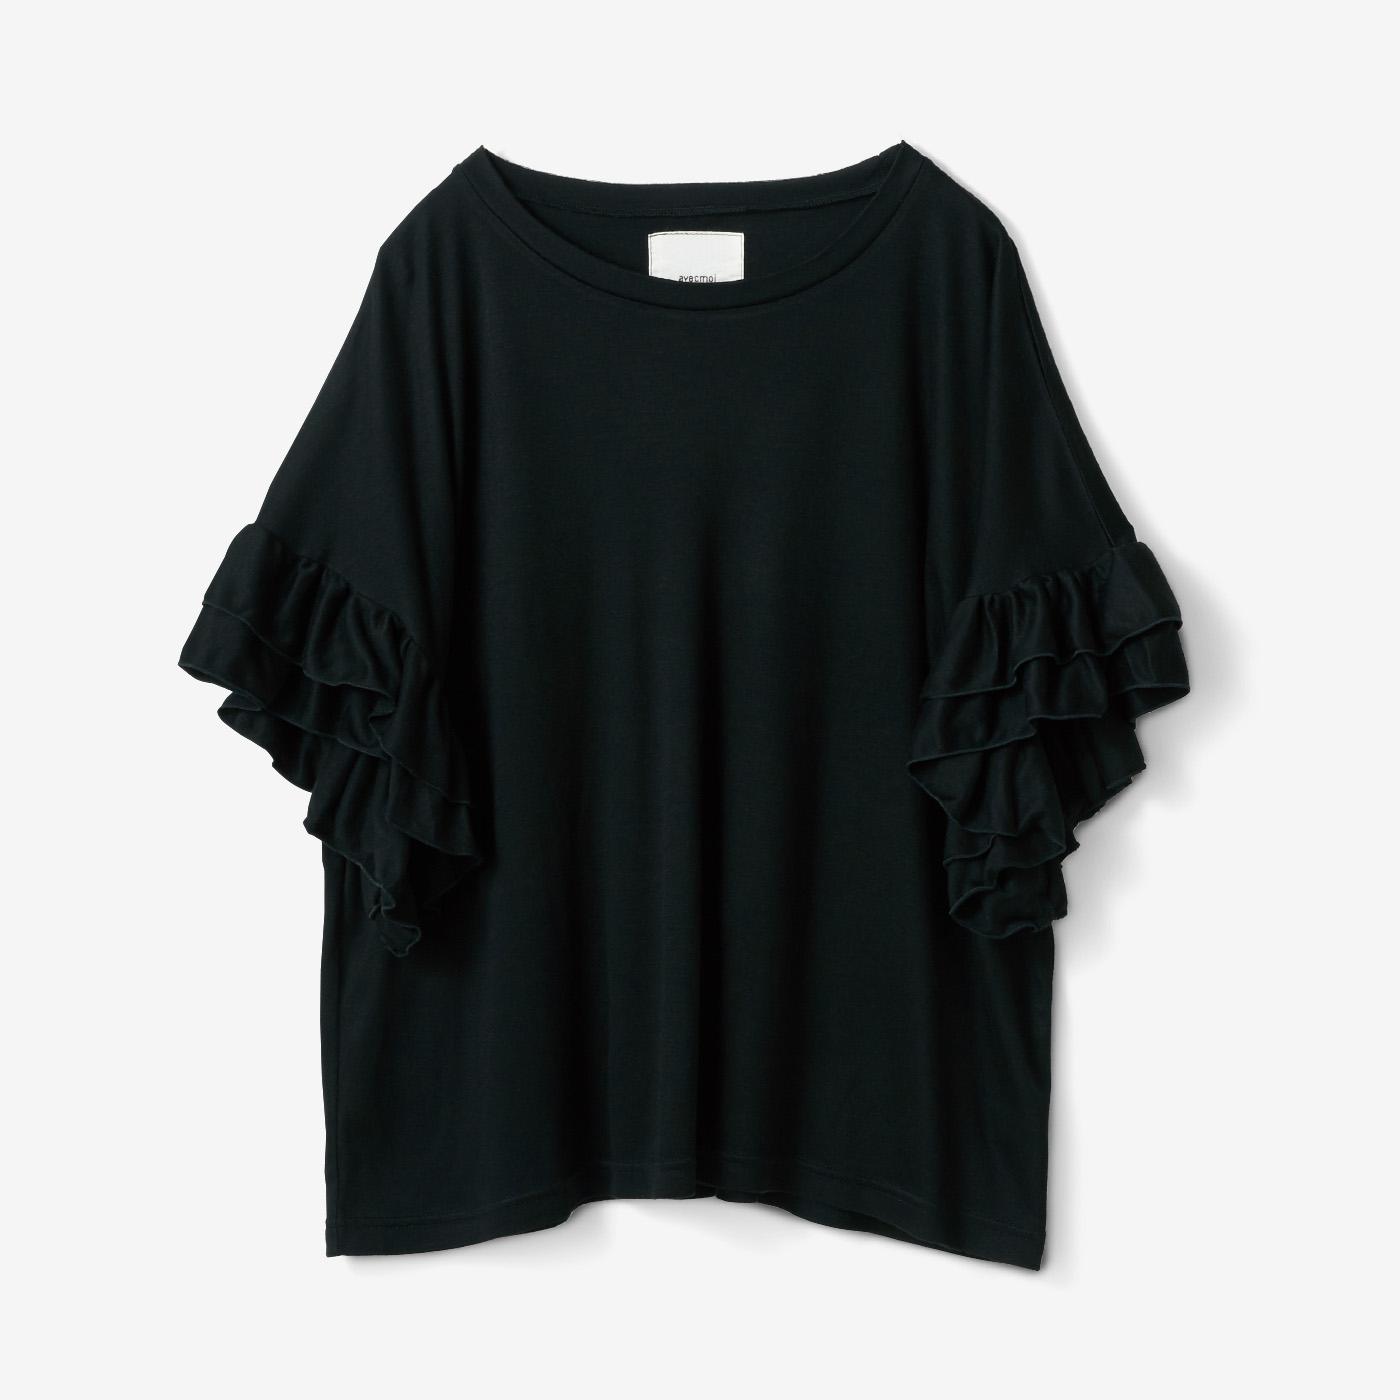 avecmoi 袖フリルTシャツ〈ブラック〉